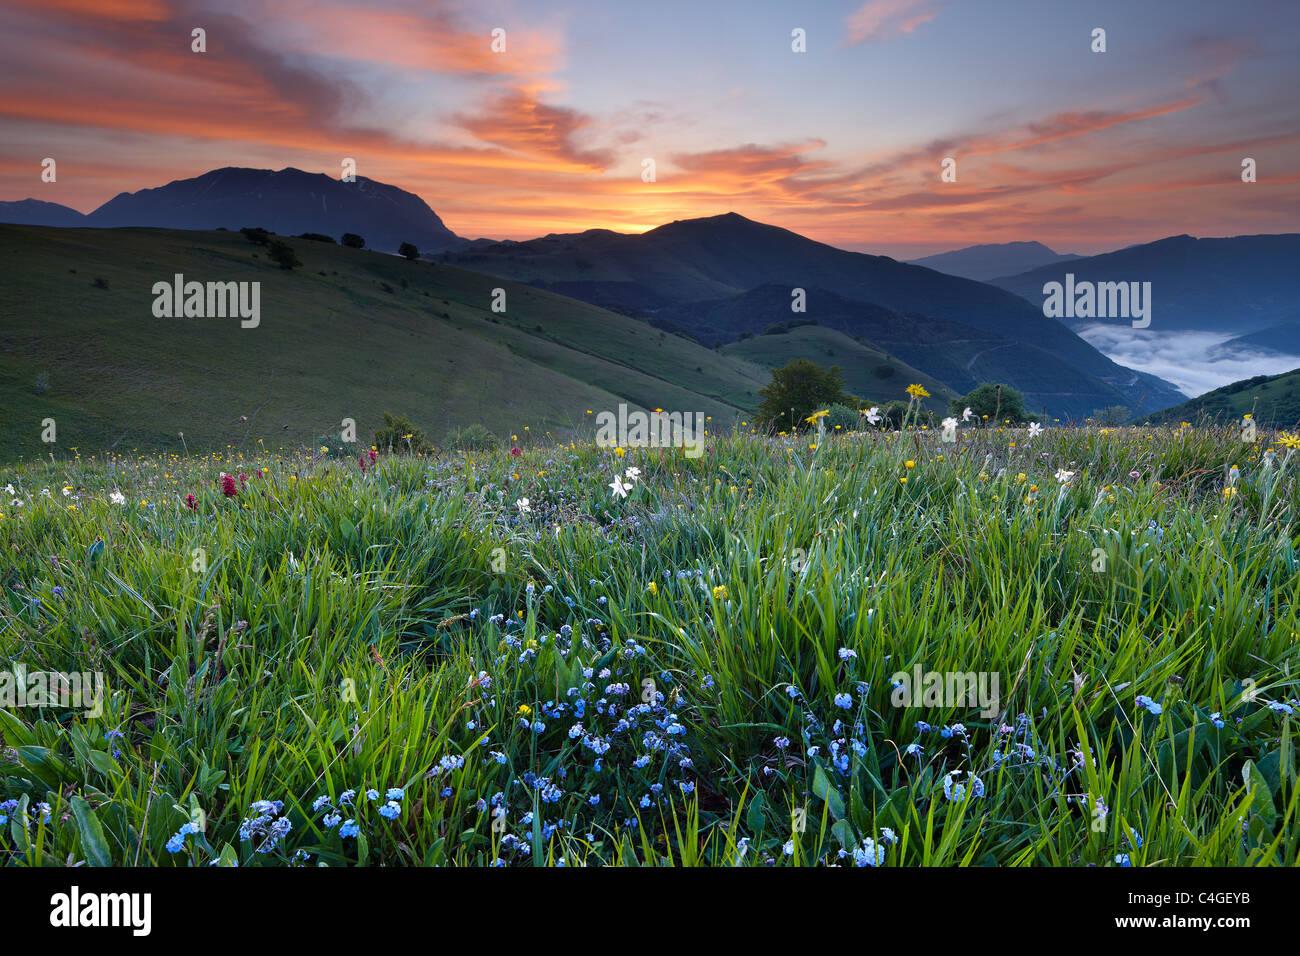 Monte Vettore und die Wildblumen auf Forca Canapine im Morgengrauen, Nationalpark Monti Sibillini, Umbrien, Italien Stockfoto